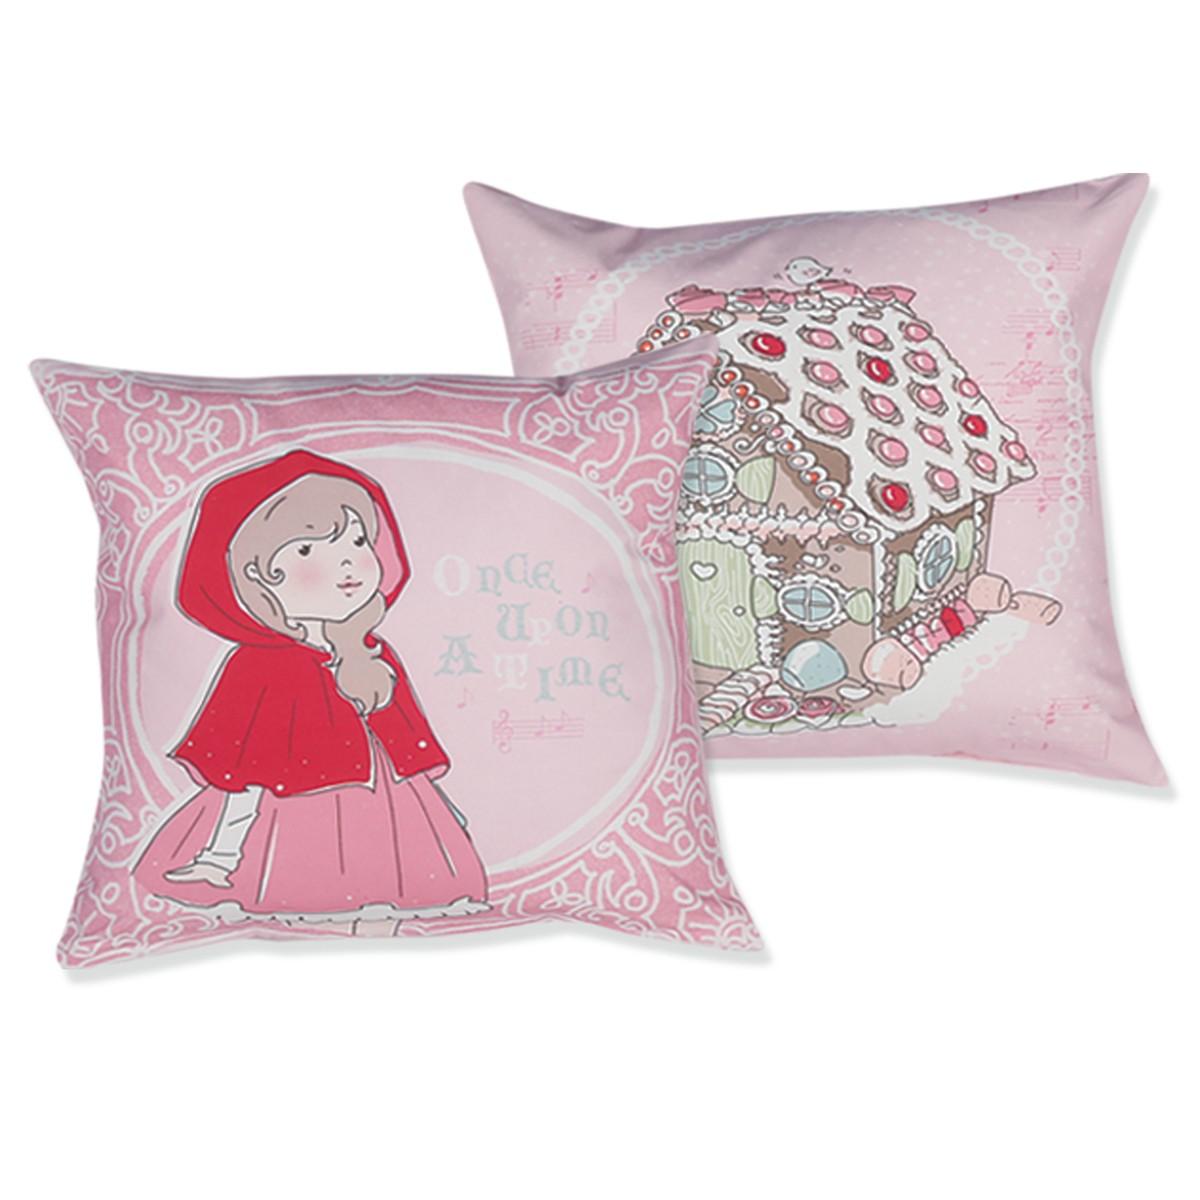 Διακοσμητικό Μαξιλάρι Nef-Nef Junior Nice Story home   παιδικά   διακοσμητικά μαξιλάρια παιδικά